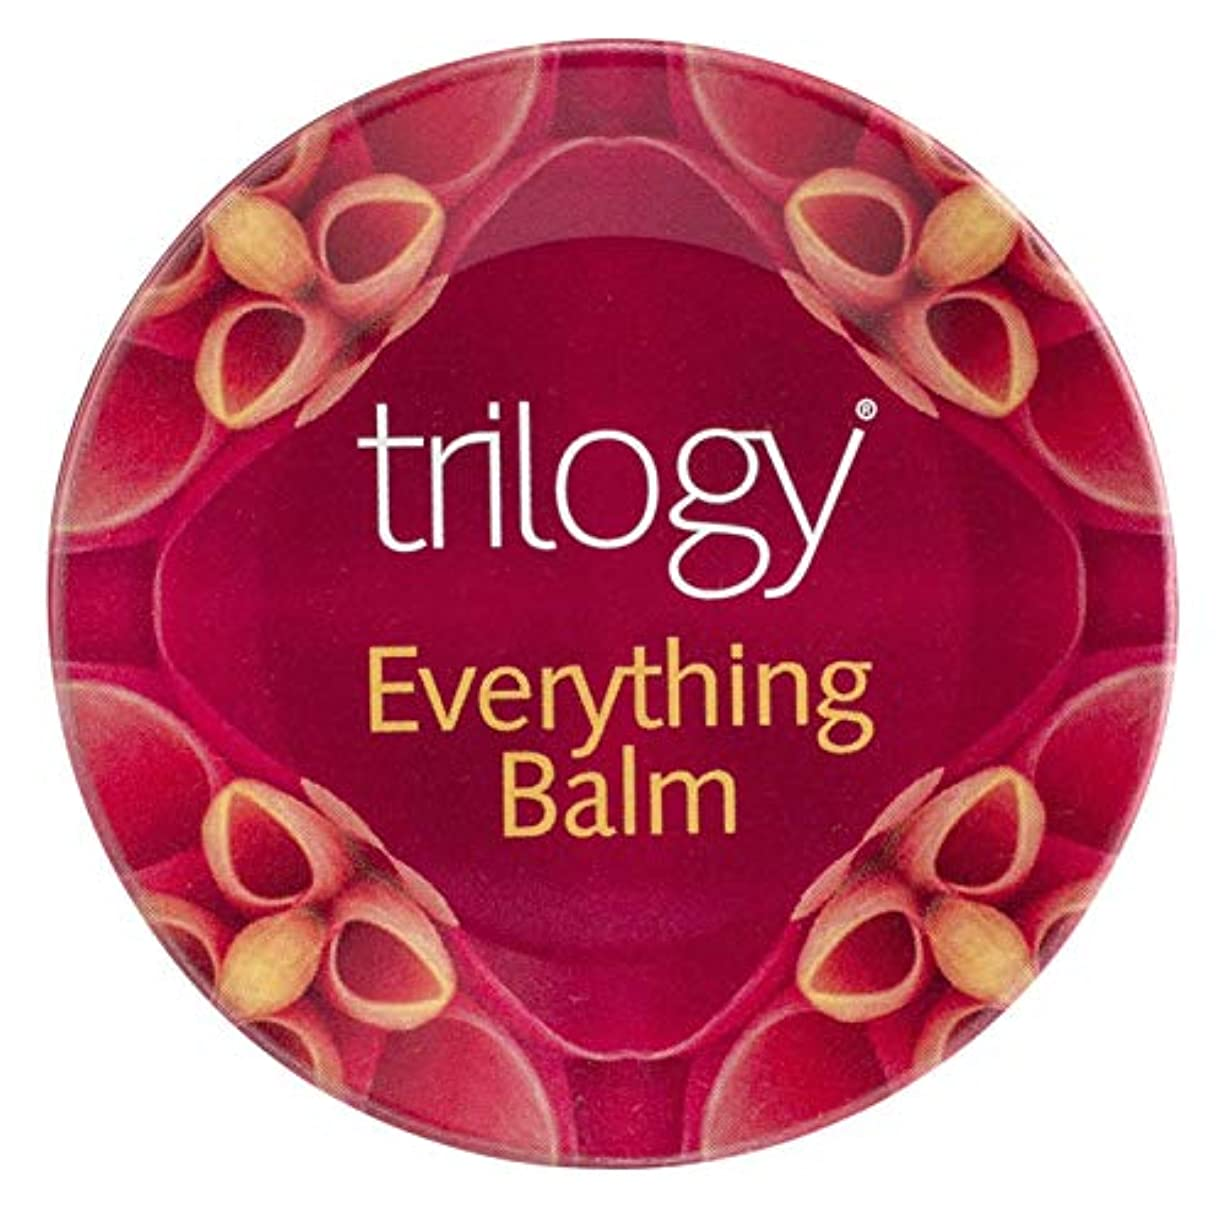 受け入れ突っ込む削るトリロジー(trilogy) エブリシング バーム 〈全身用バーム〉 (45mL)